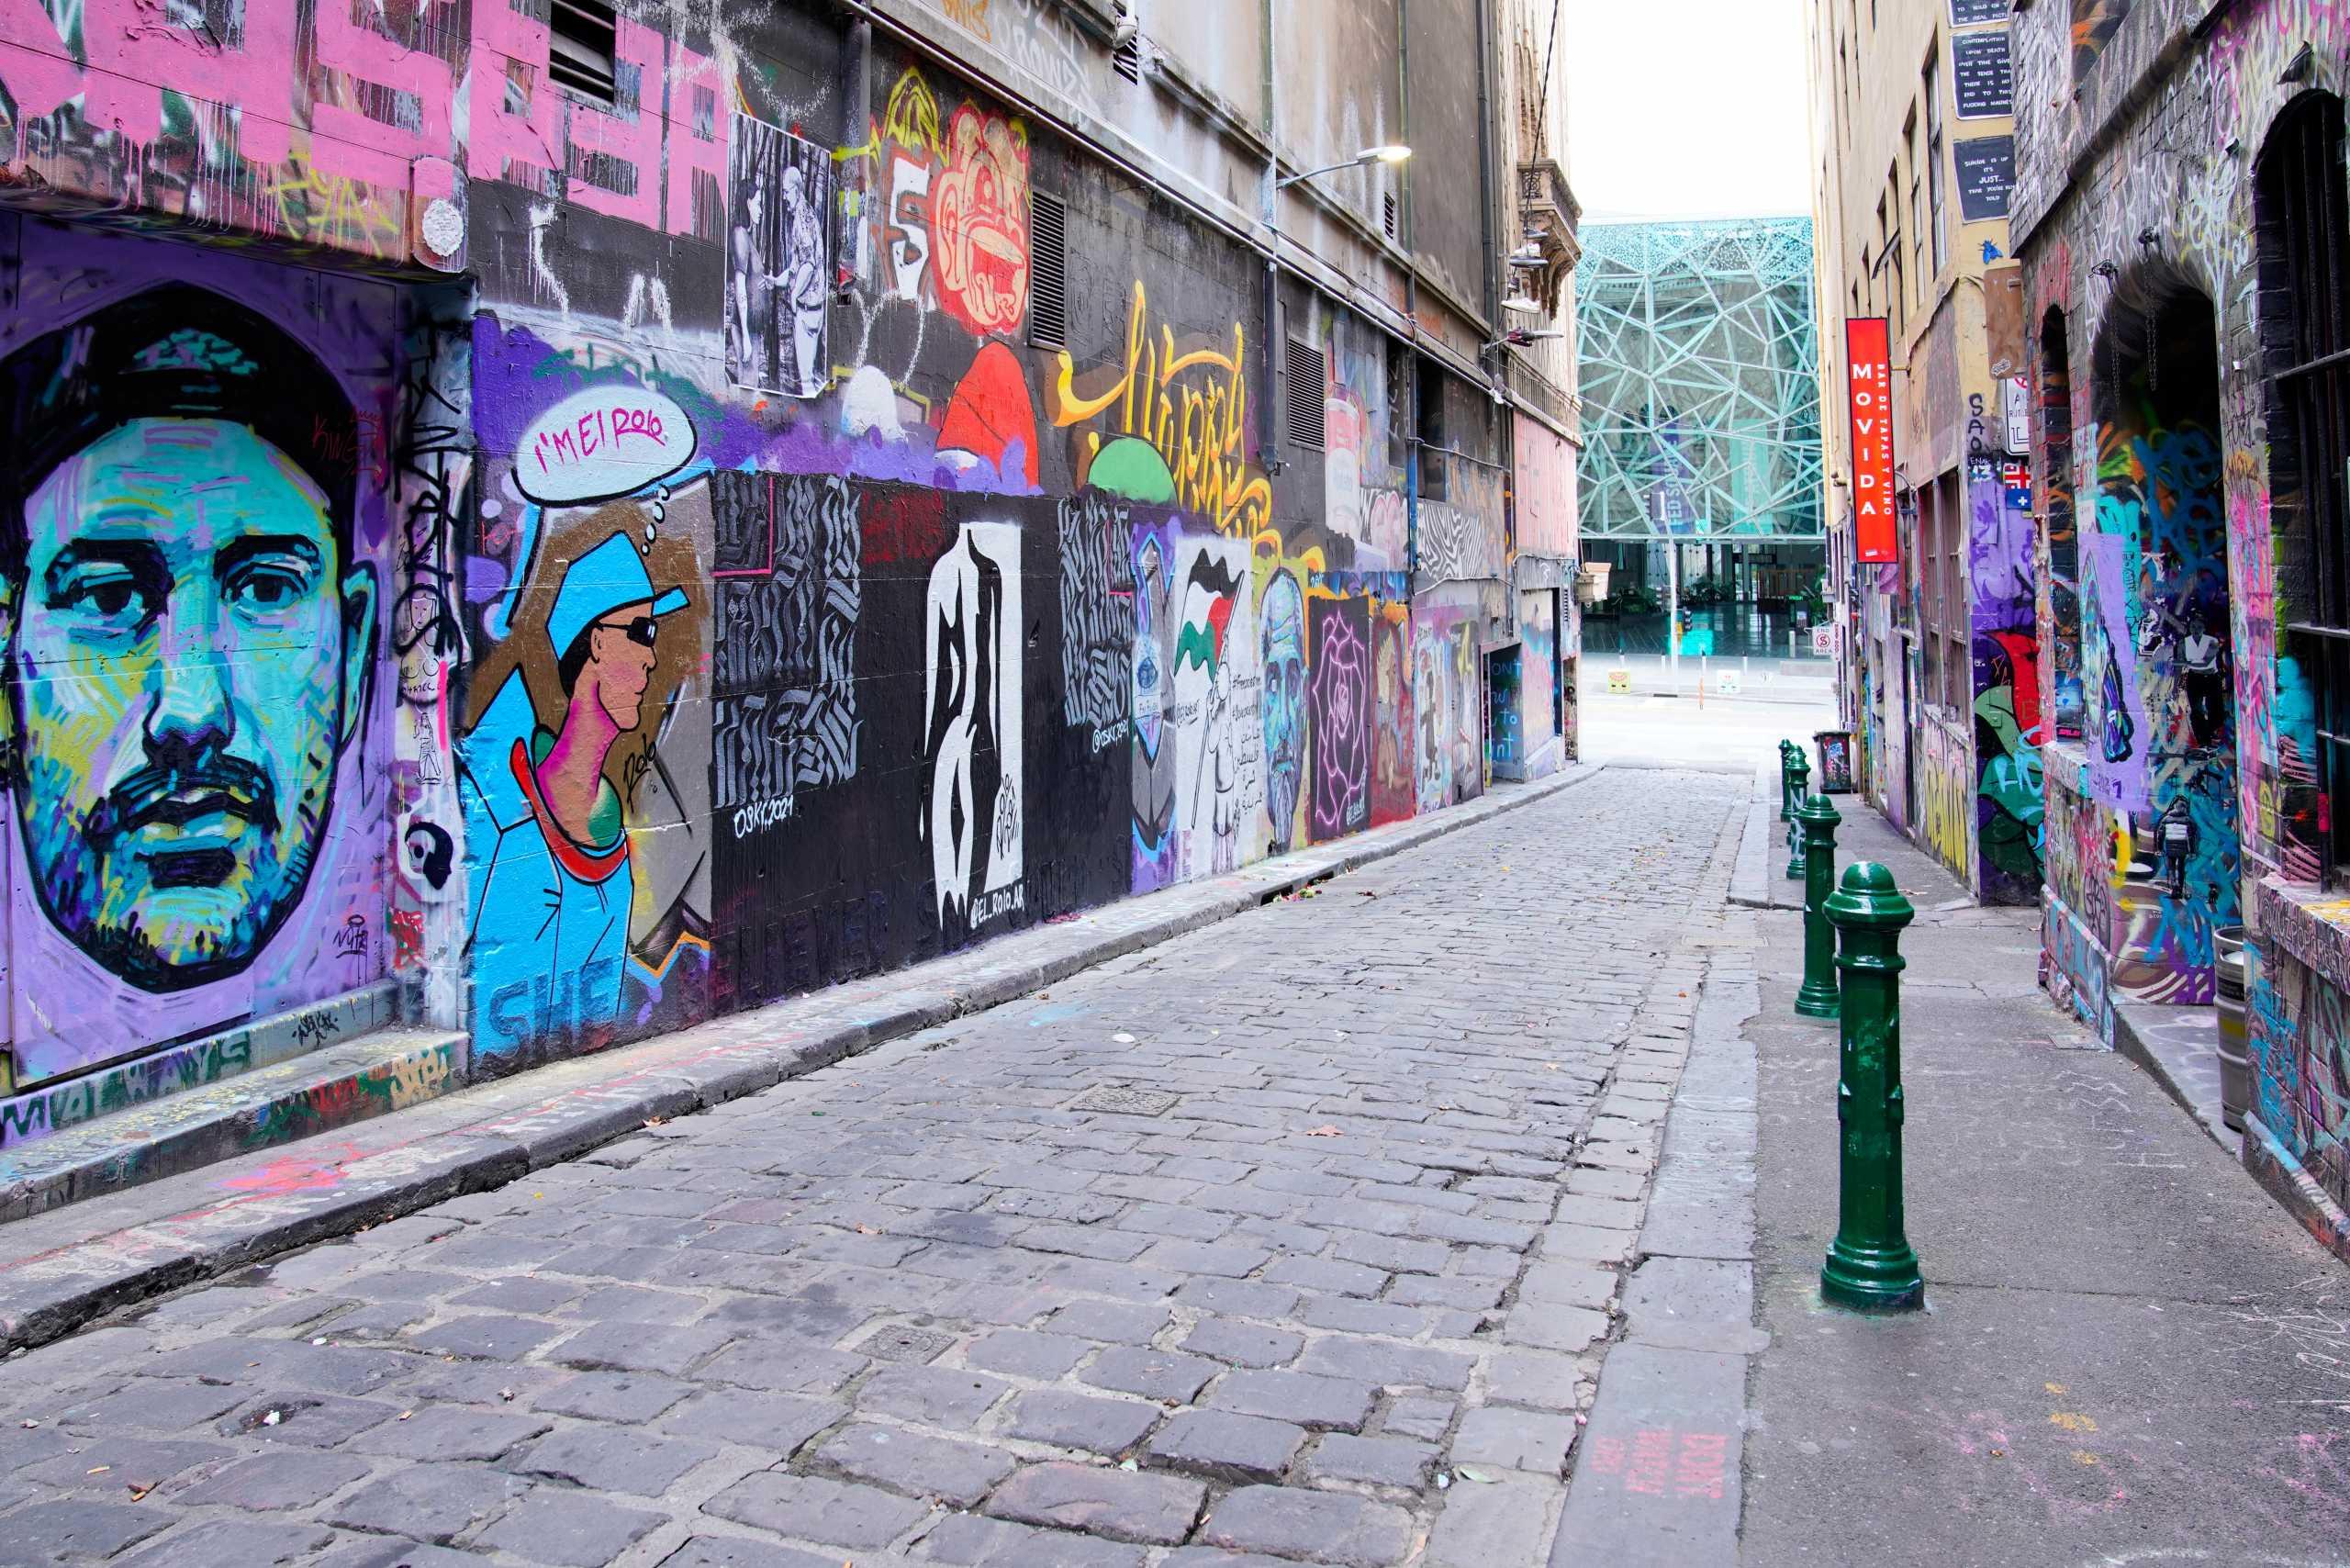 Αυστραλία: Οι νέες εστίες κορονοϊού παρατείνουν το lockdown στην Μελβούρνη